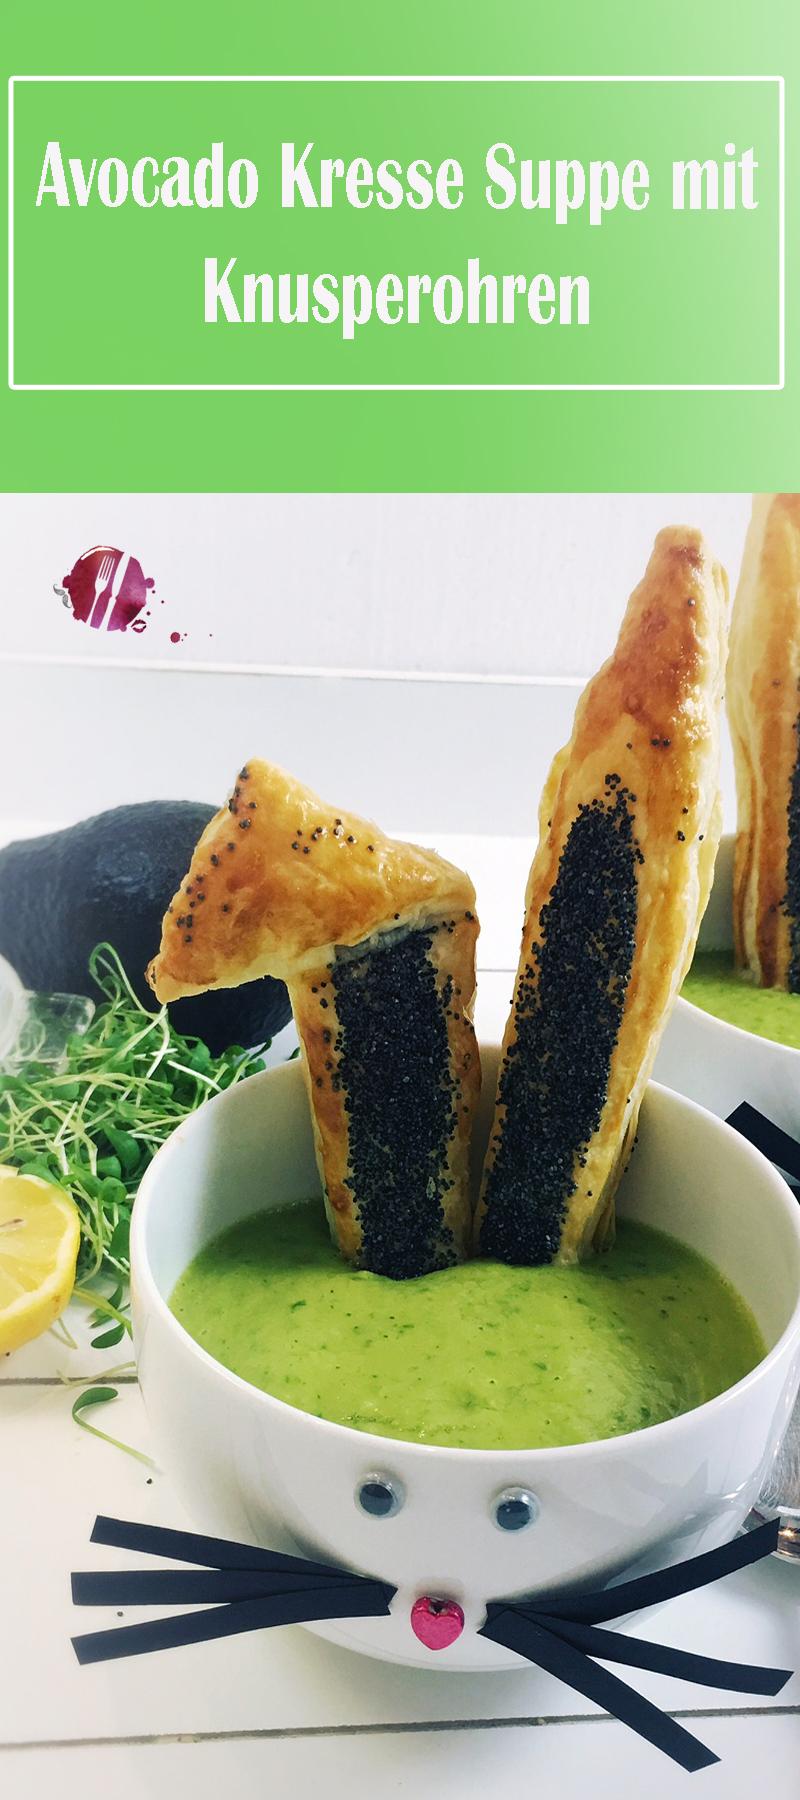 Avocado Kresse Suppe mit Knusperohren